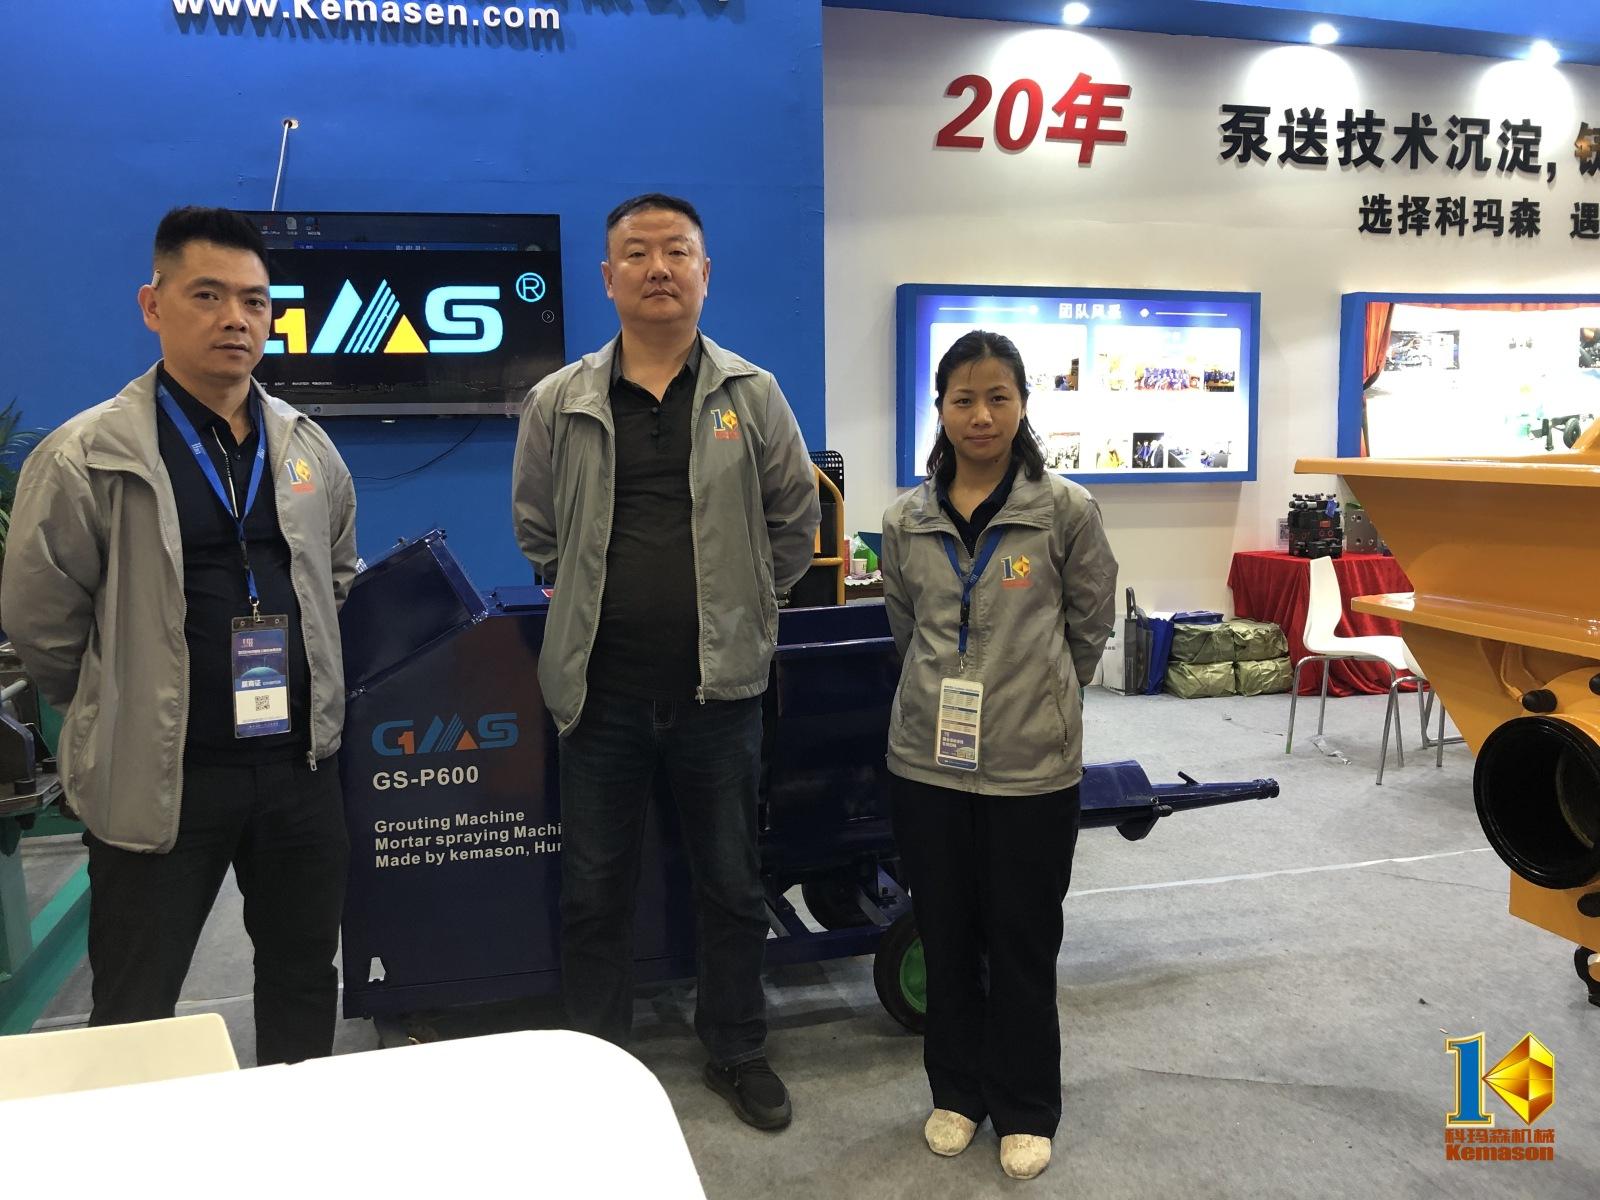 湖南鸿运国际细石混凝土泵鸿运app官方下载最新版作业操作概述